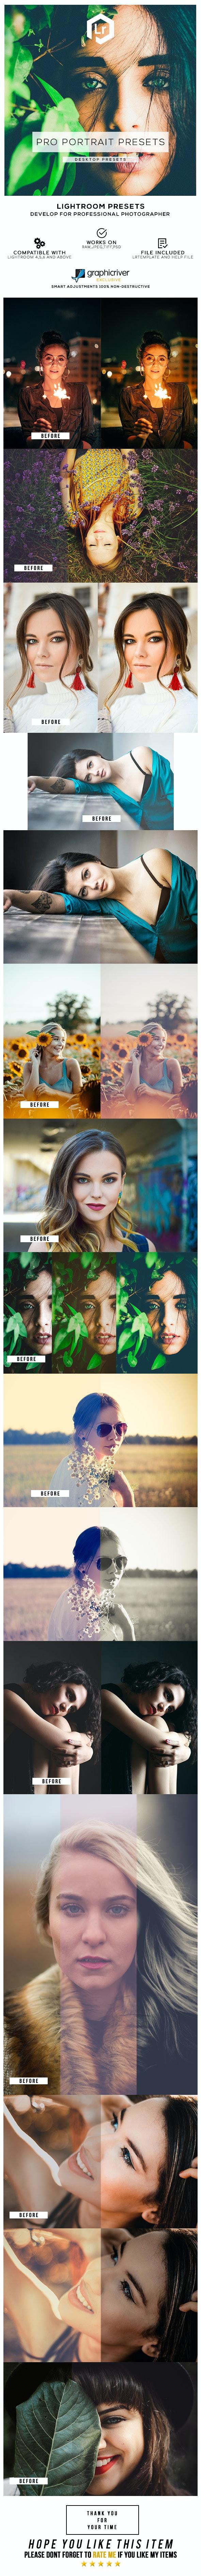 20 Pro Portrait Lightroom Presets - Portrait Lightroom Presets